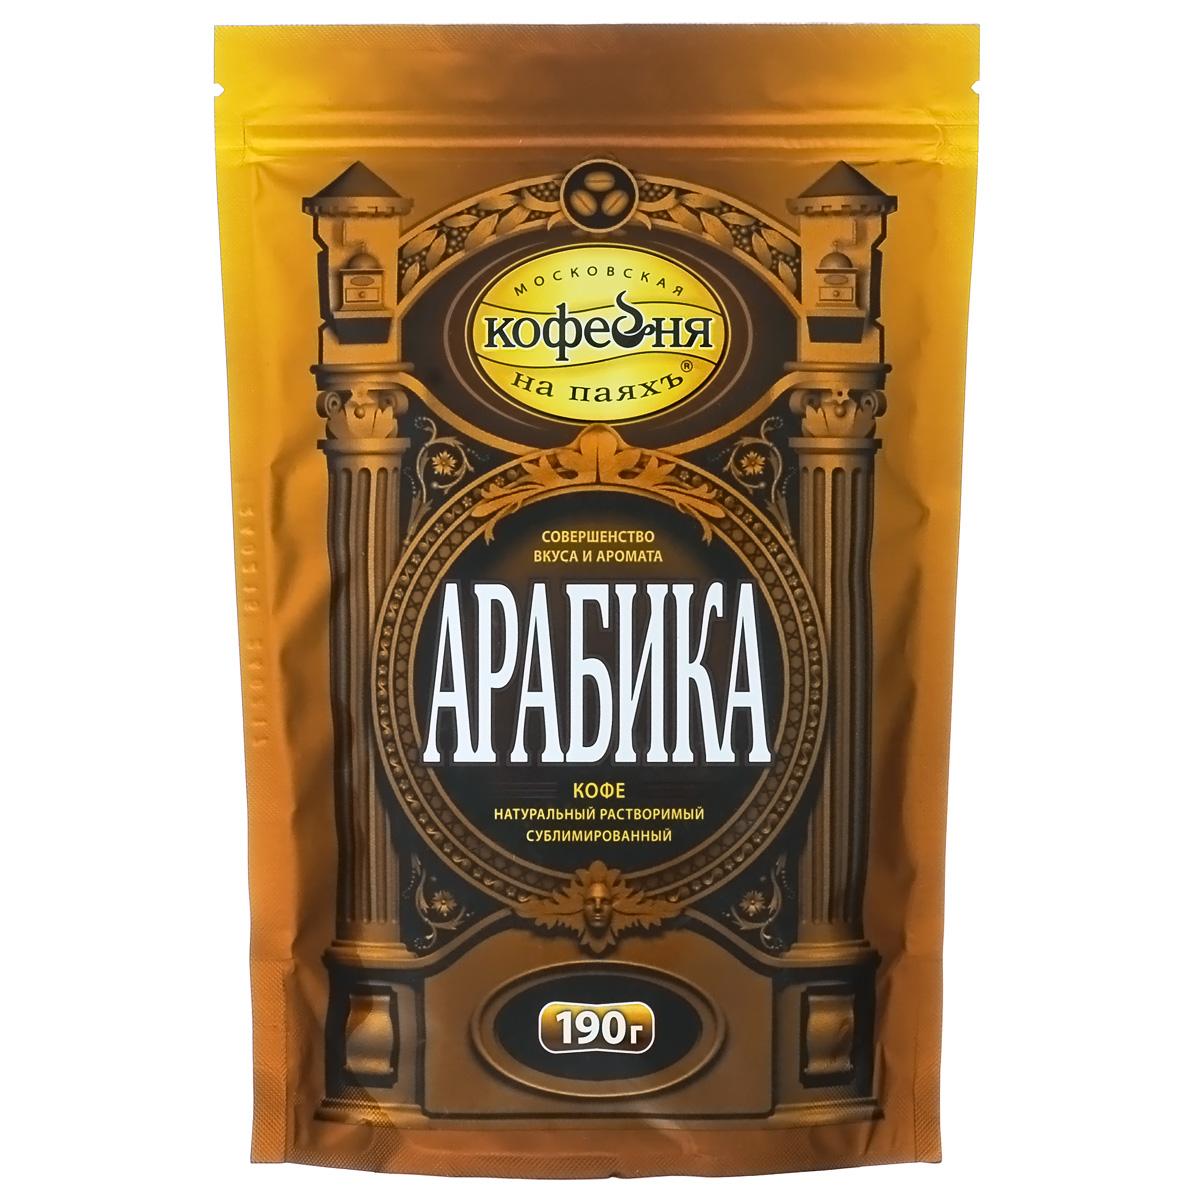 Московская кофейня на паяхъ Арабика кофе рaстворимый, пакет 190 г